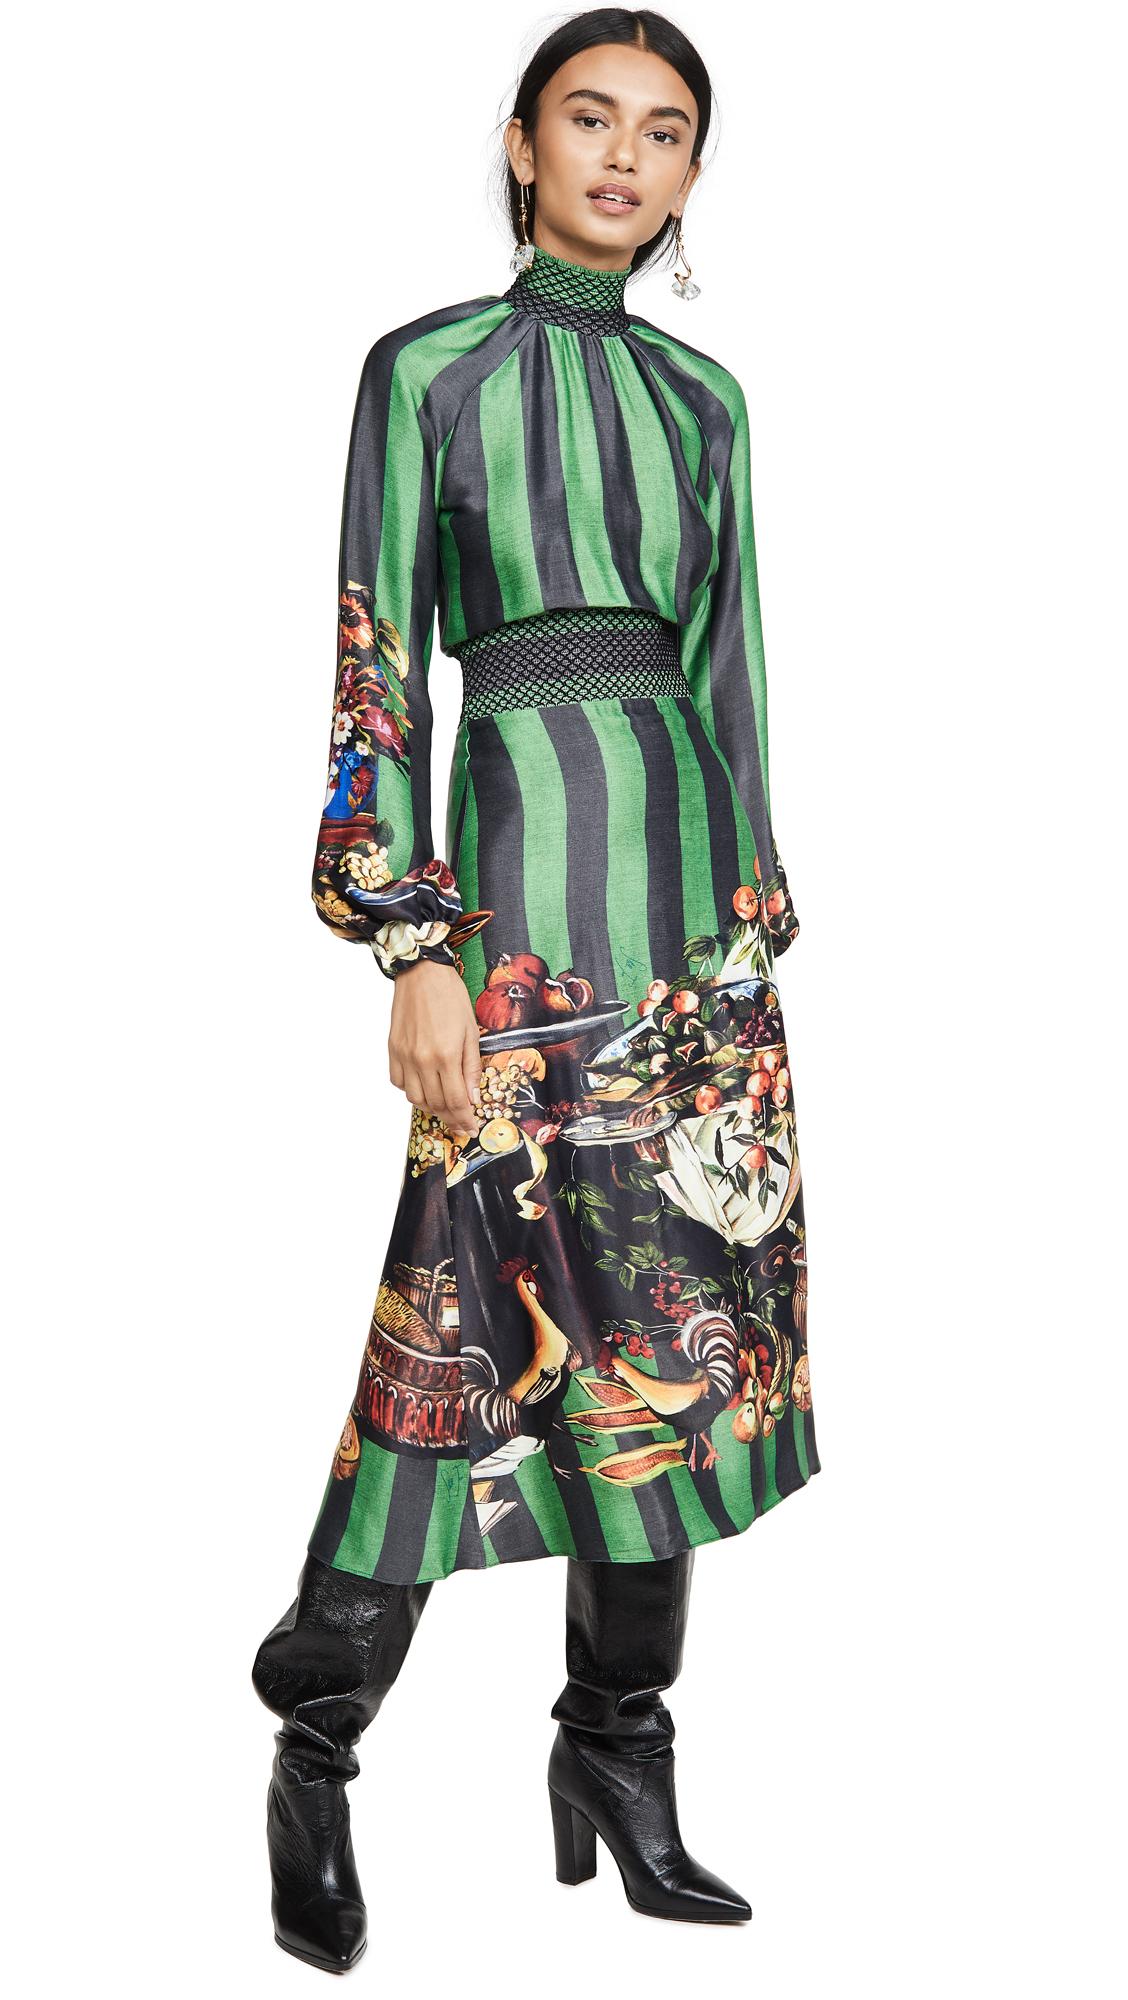 Stella Jean Striped Turtleneck Dress - 40% Off Sale